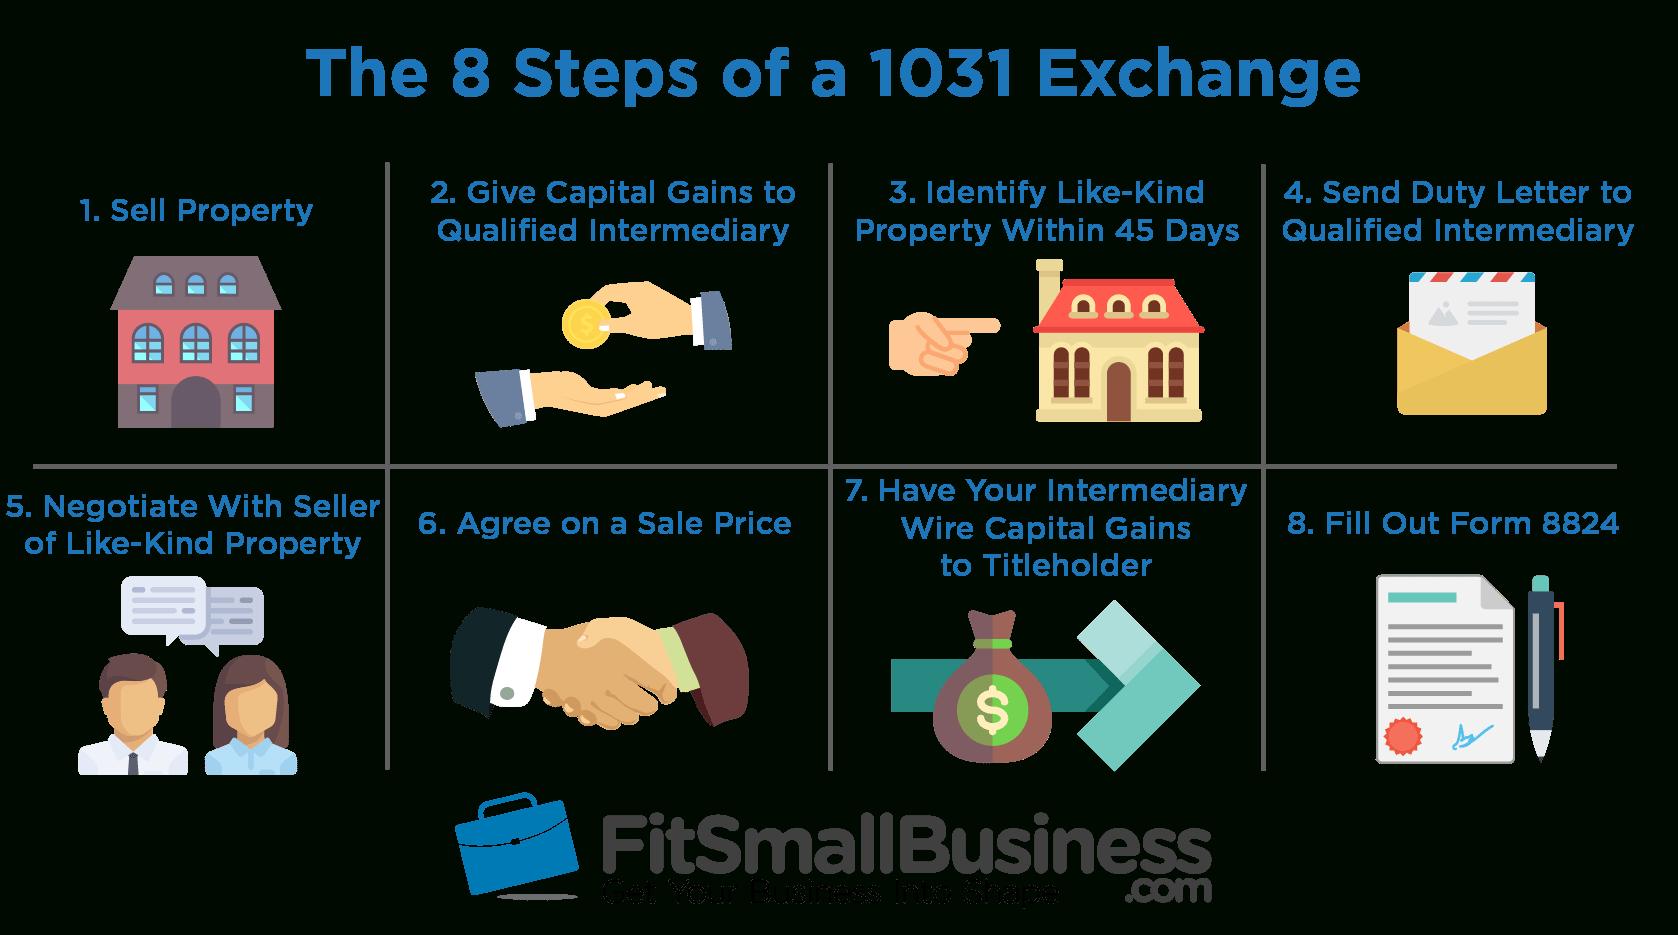 1031 Exchange Rules Like Kind Property